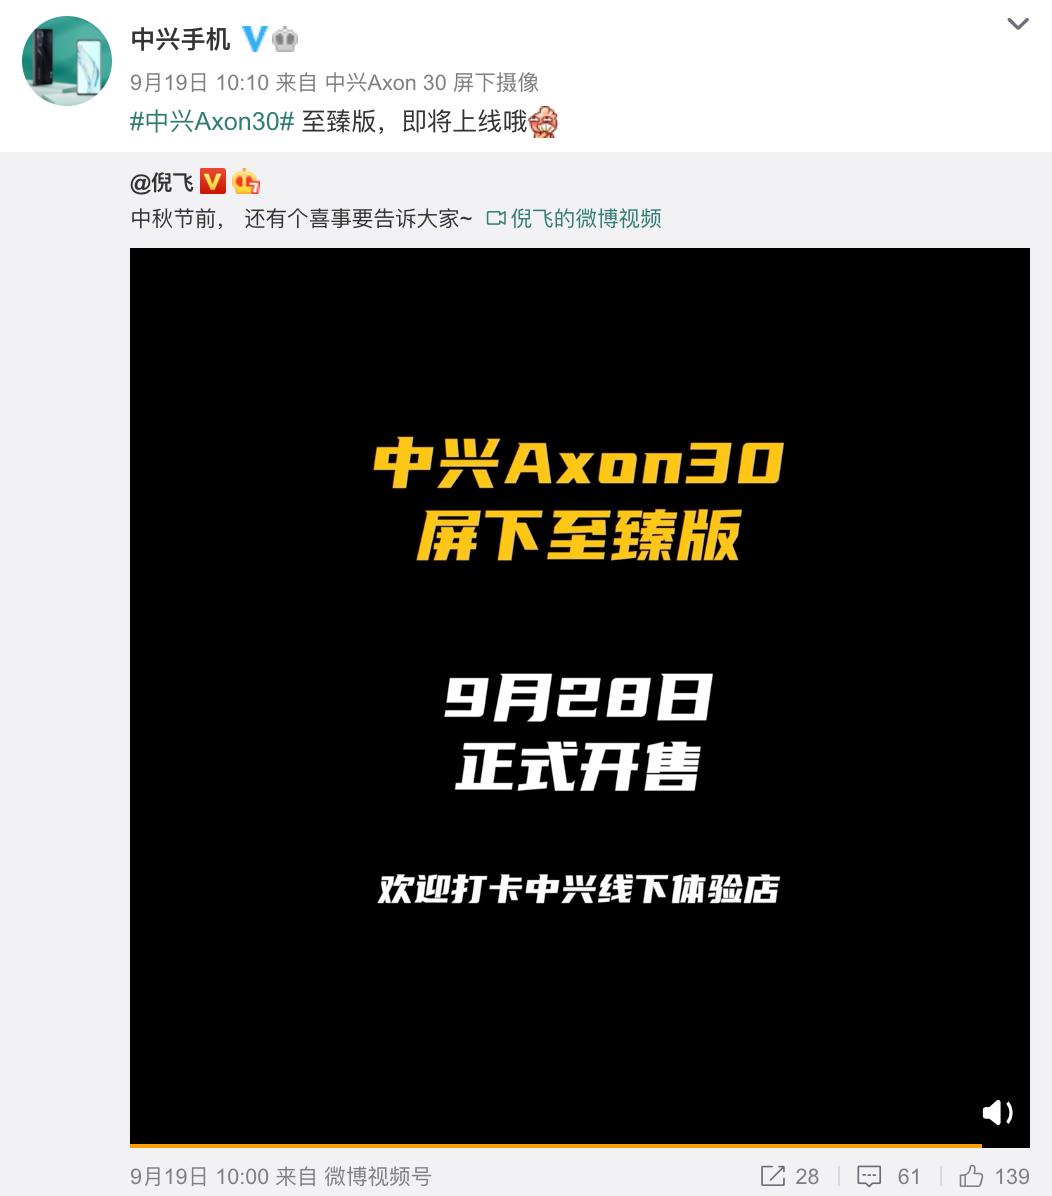 中兴Axon30屏下至臻版预热9.28开售 素皮版来迟?